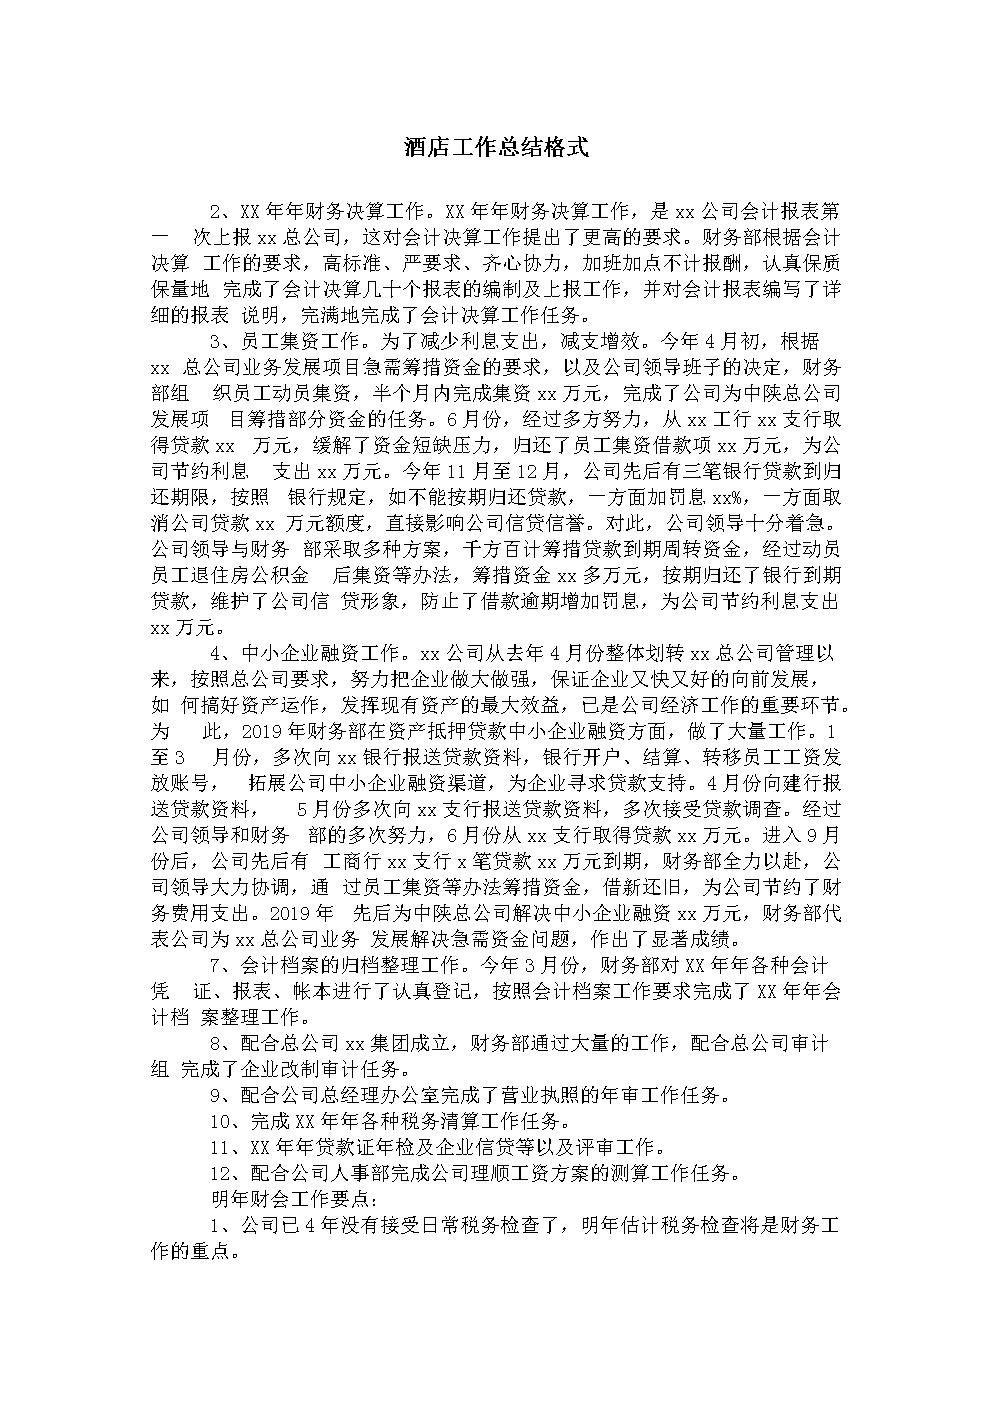 酒店工作 总结格式.doc